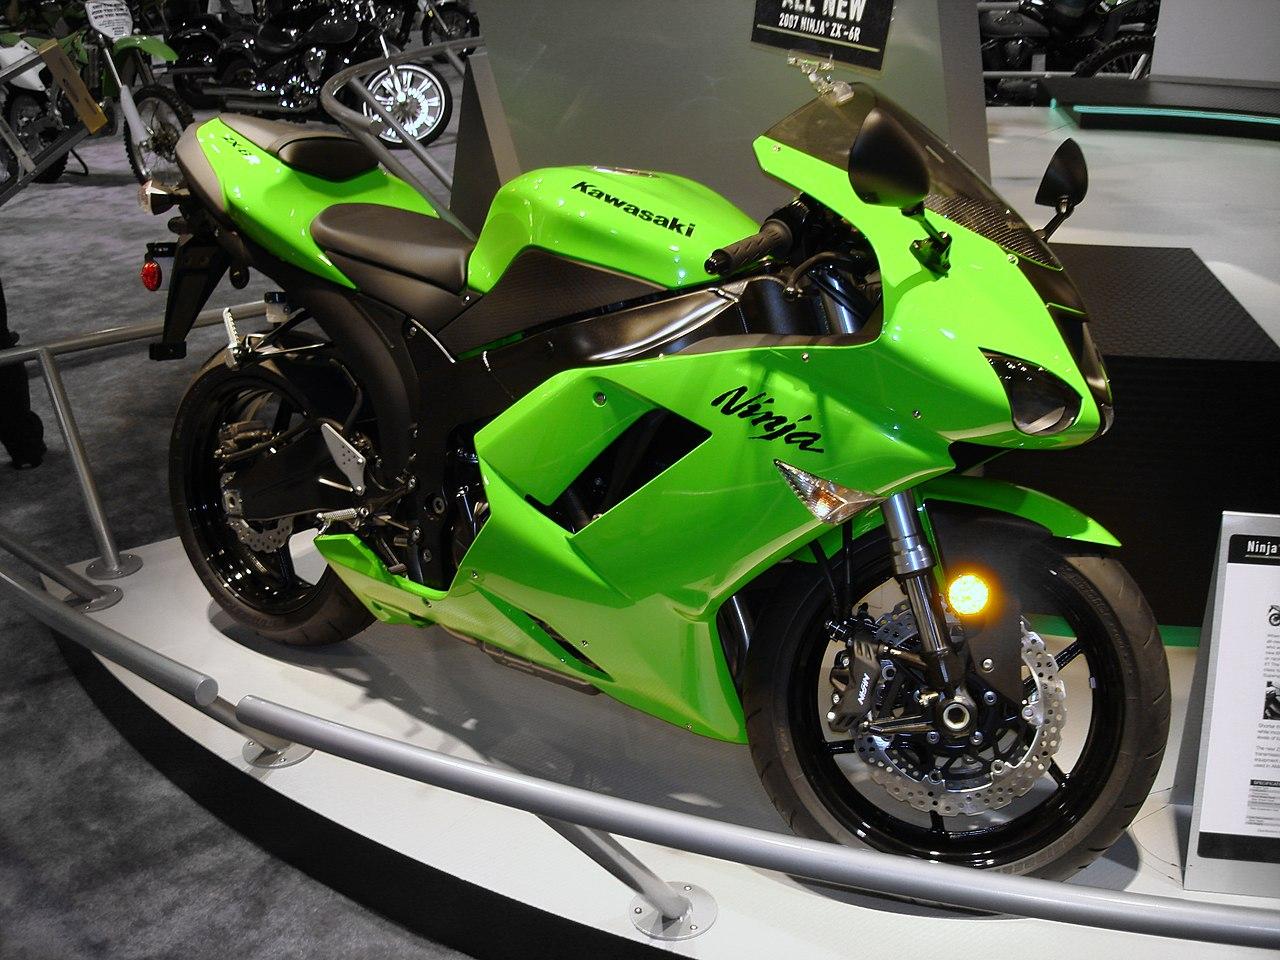 Used Kawasaki Ninja For Sale In Michigan